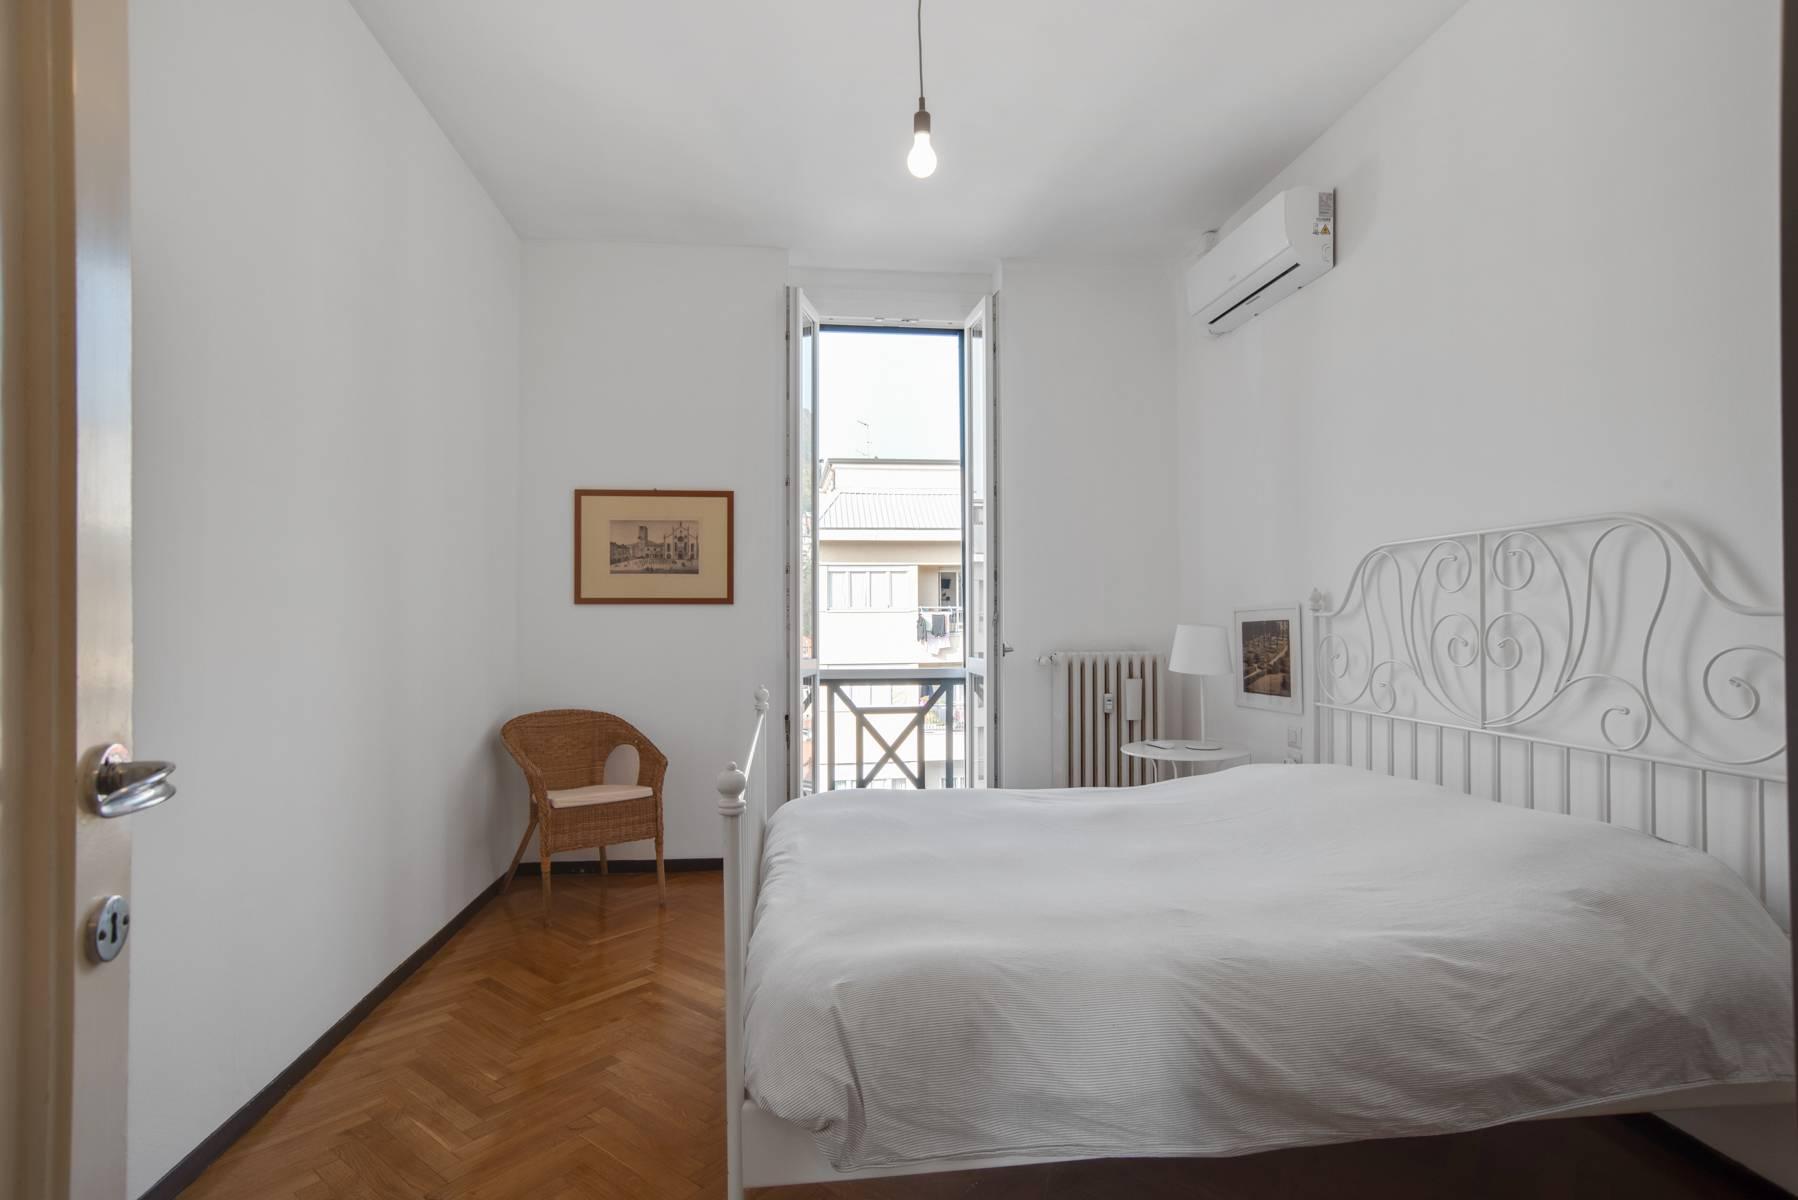 Appartamento in Affitto a Como: 3 locali, 80 mq - Foto 9